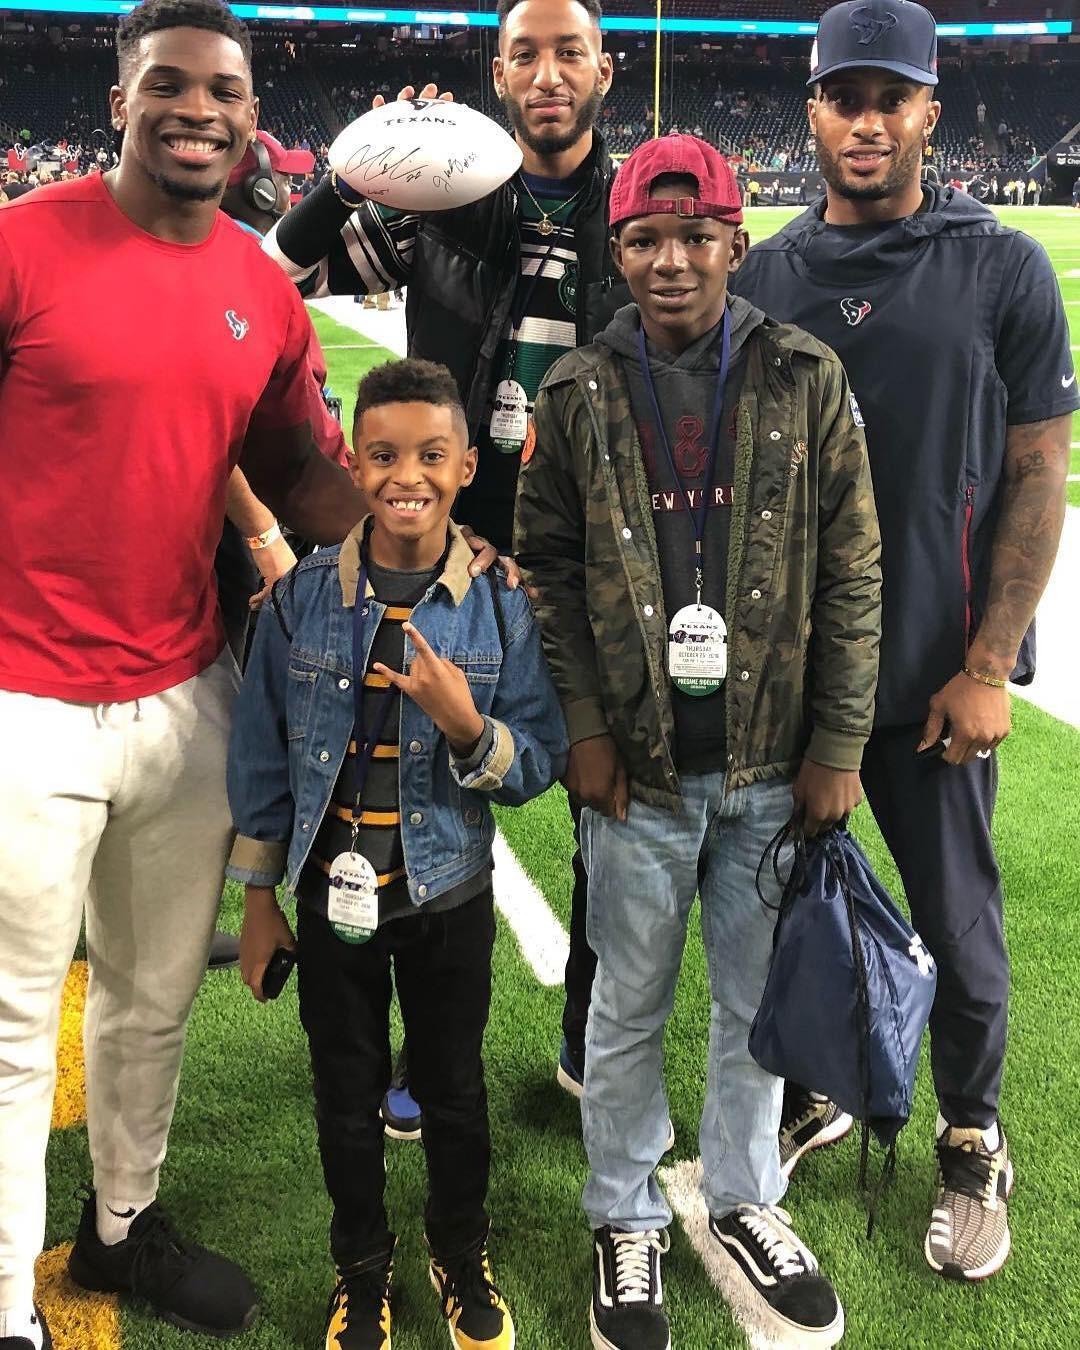 Tamarion e Jordan no jogo de futebol americano dos Houston Texans (Foto: Reprodução / Instagram)